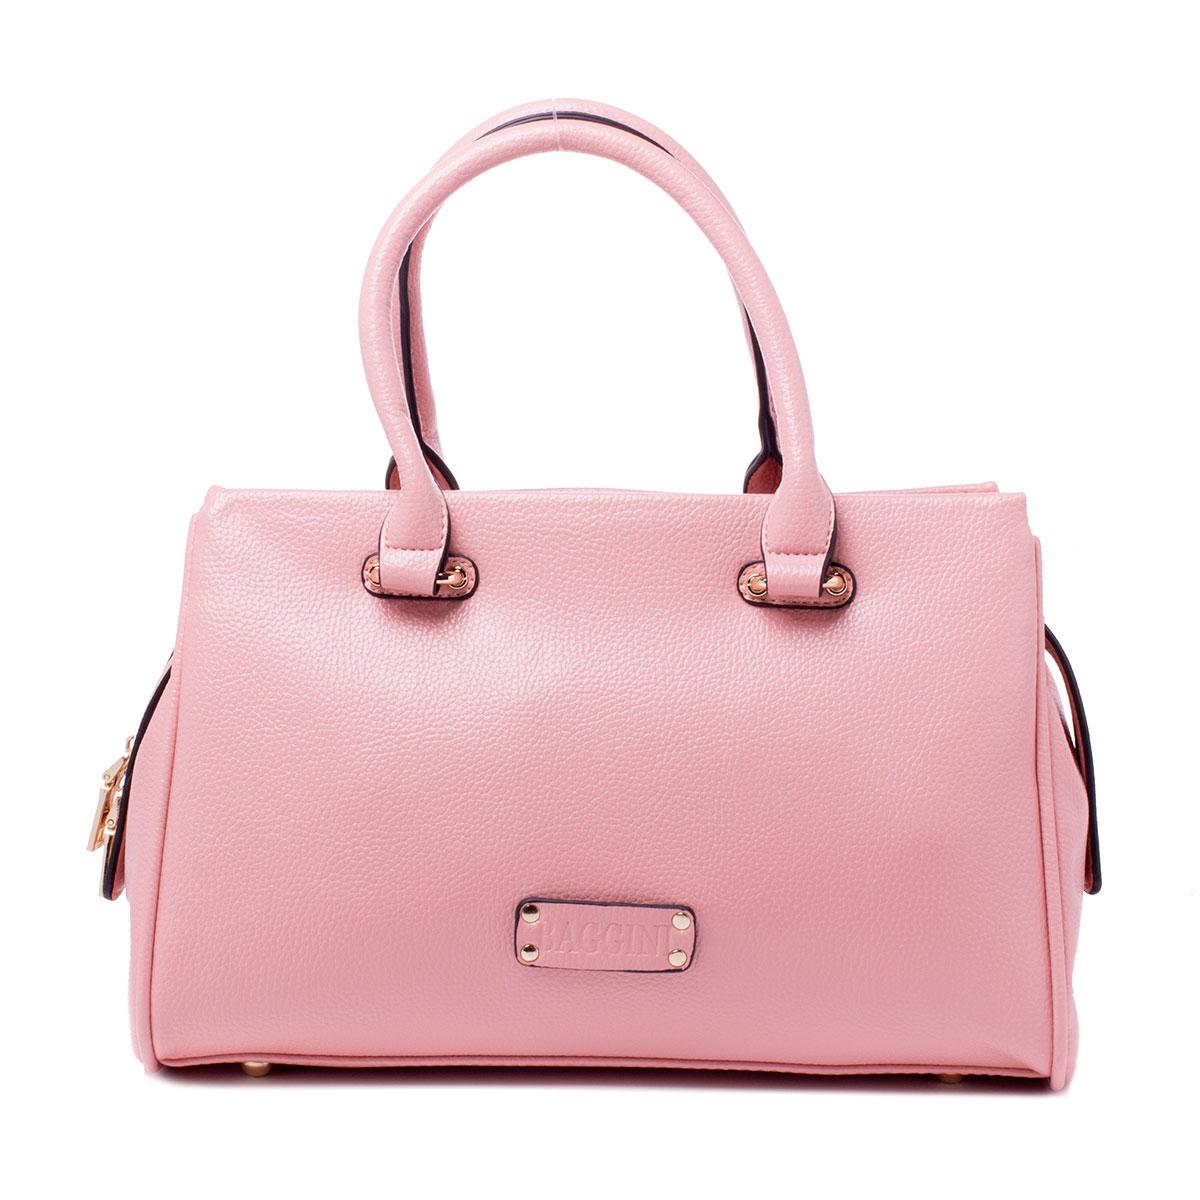 Сумка женская Baggini, цвет: розовый. 29791/6329791/63Сумка жен., иск. кожа